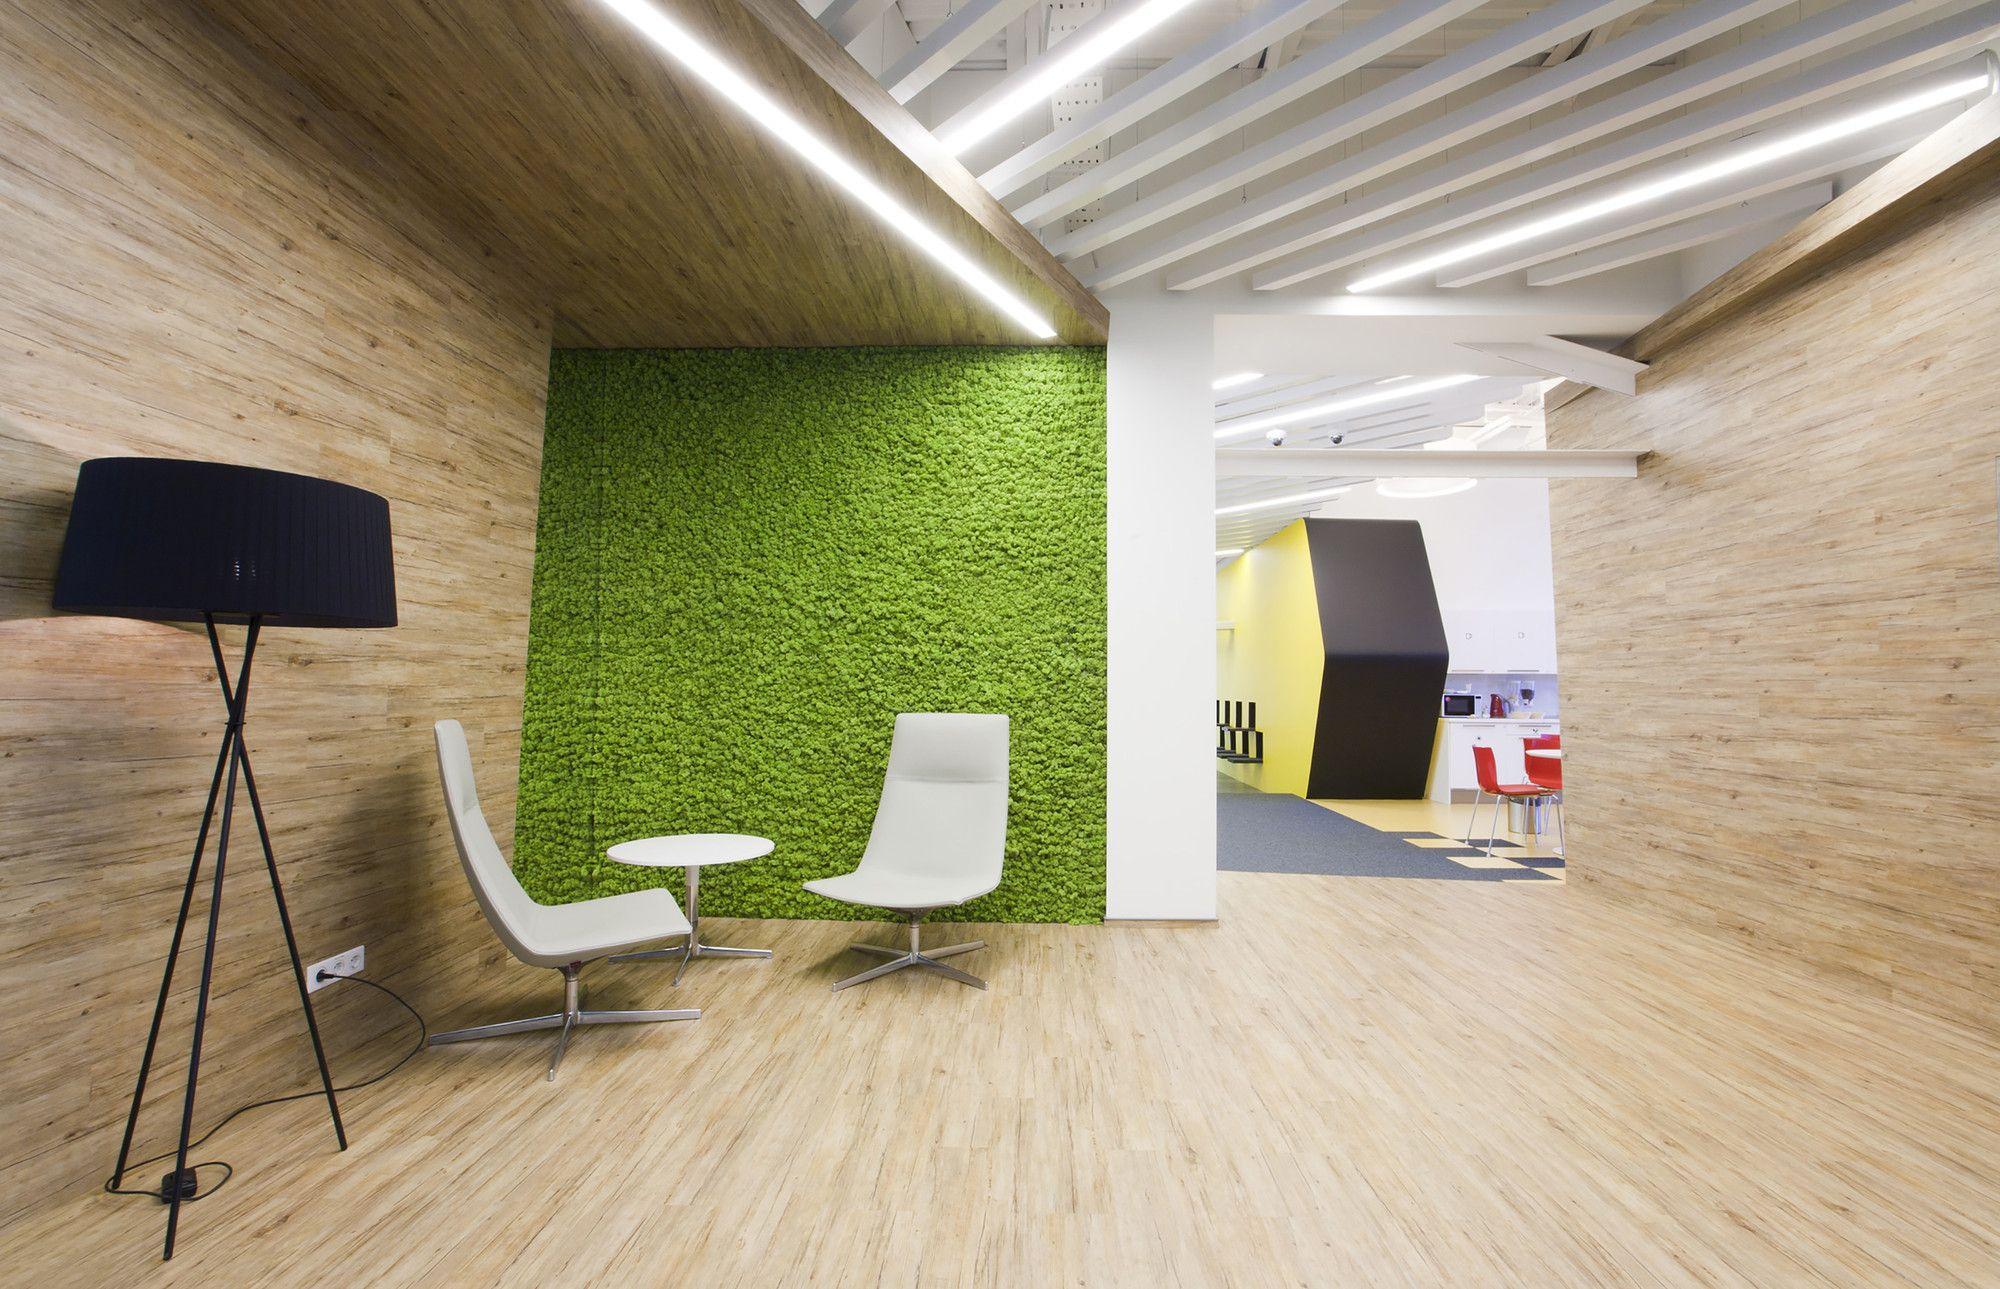 выращиванию дизайн ковролин на стене фото укладку стрижку прическу